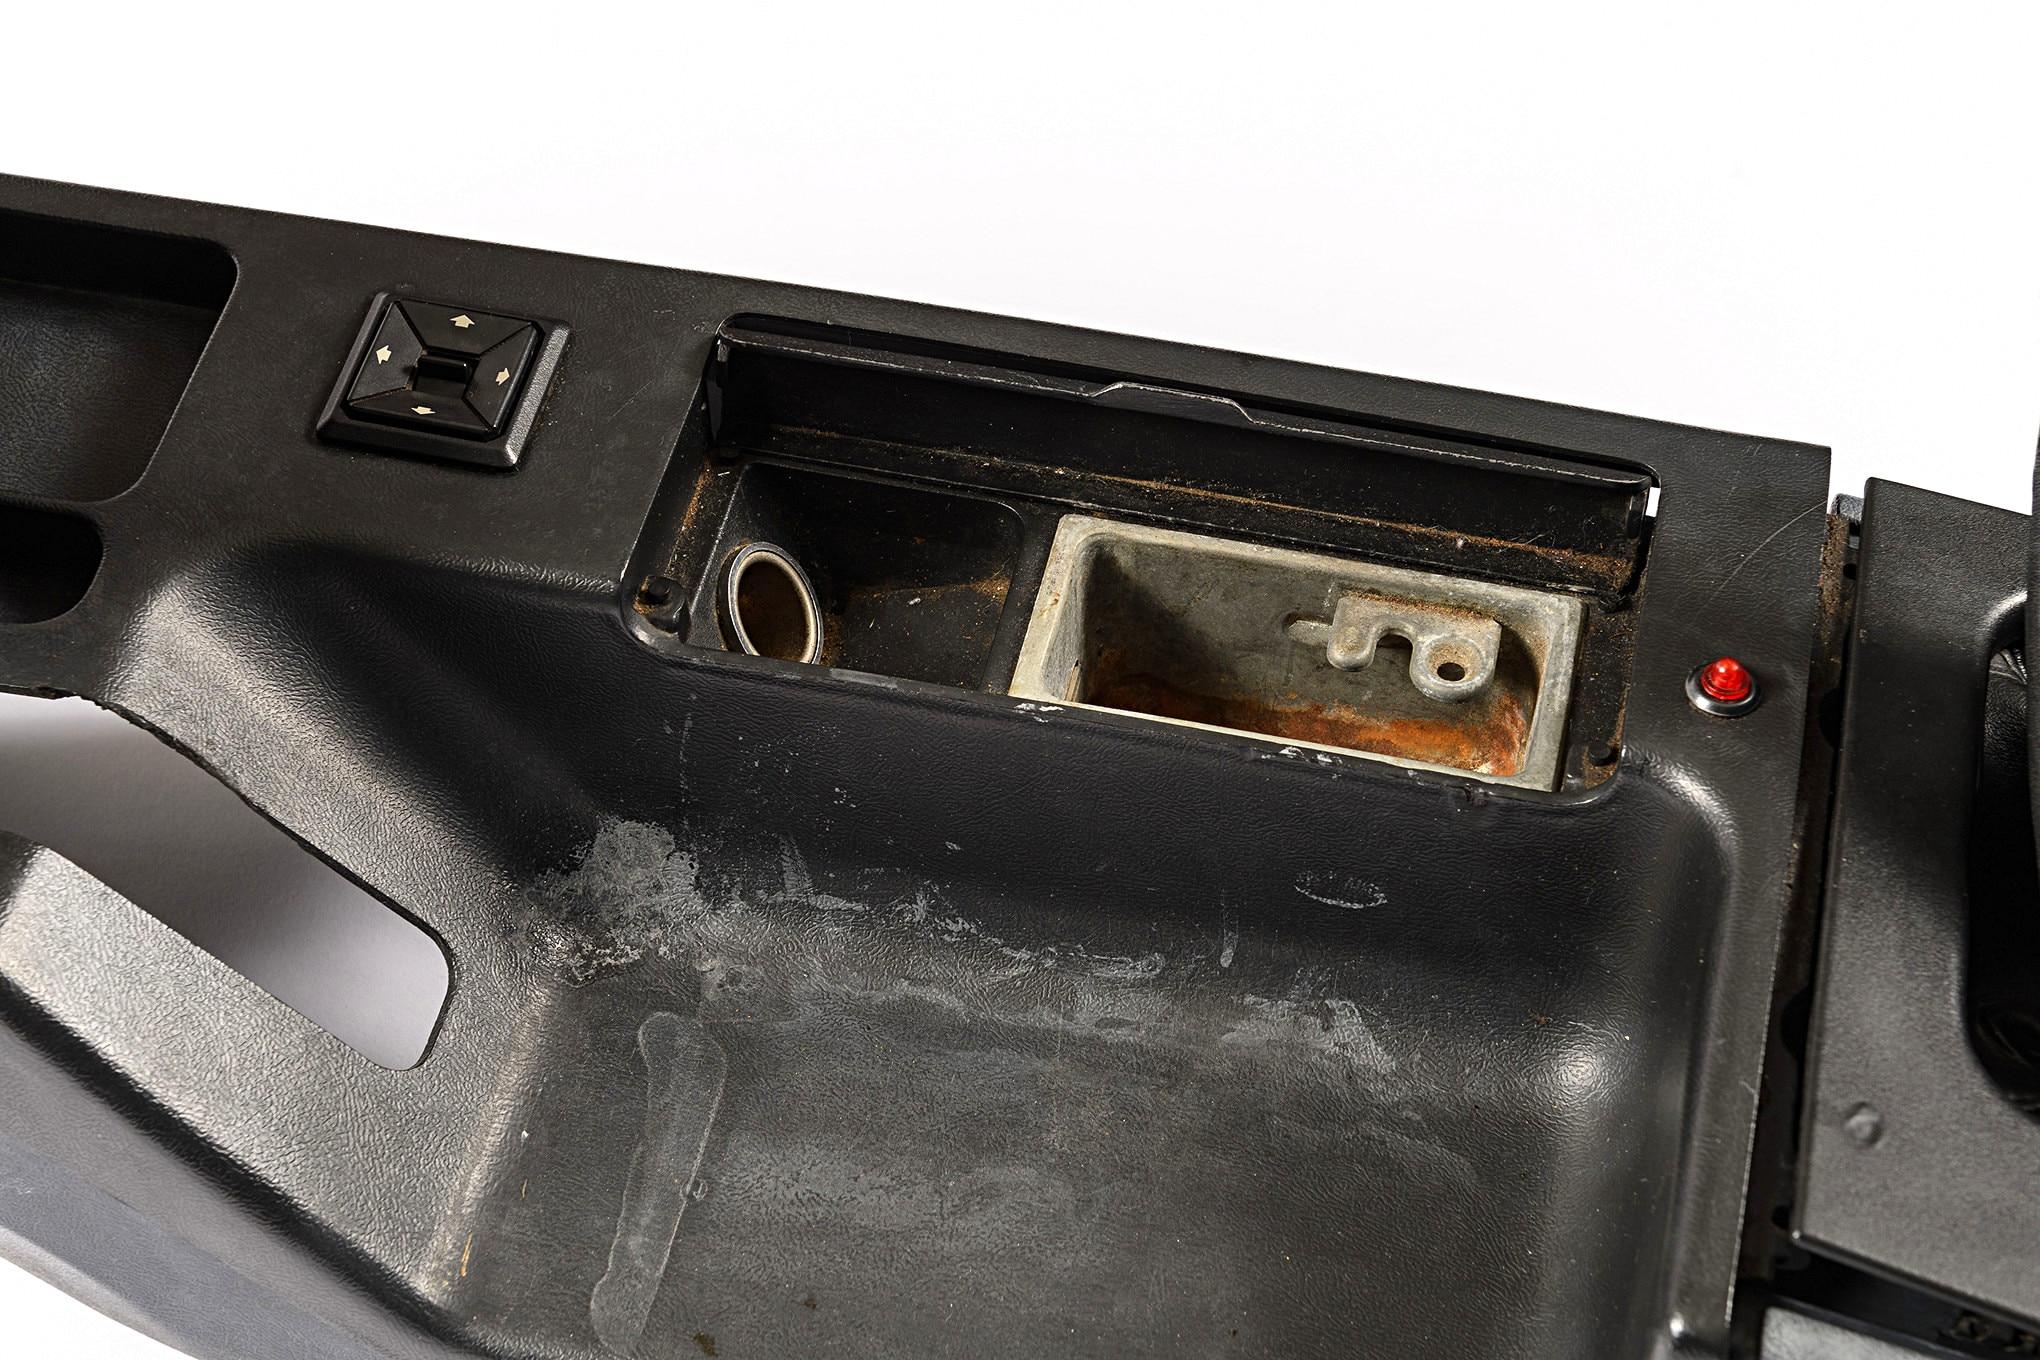 011 Mustang Center Console Broken Ash Tray